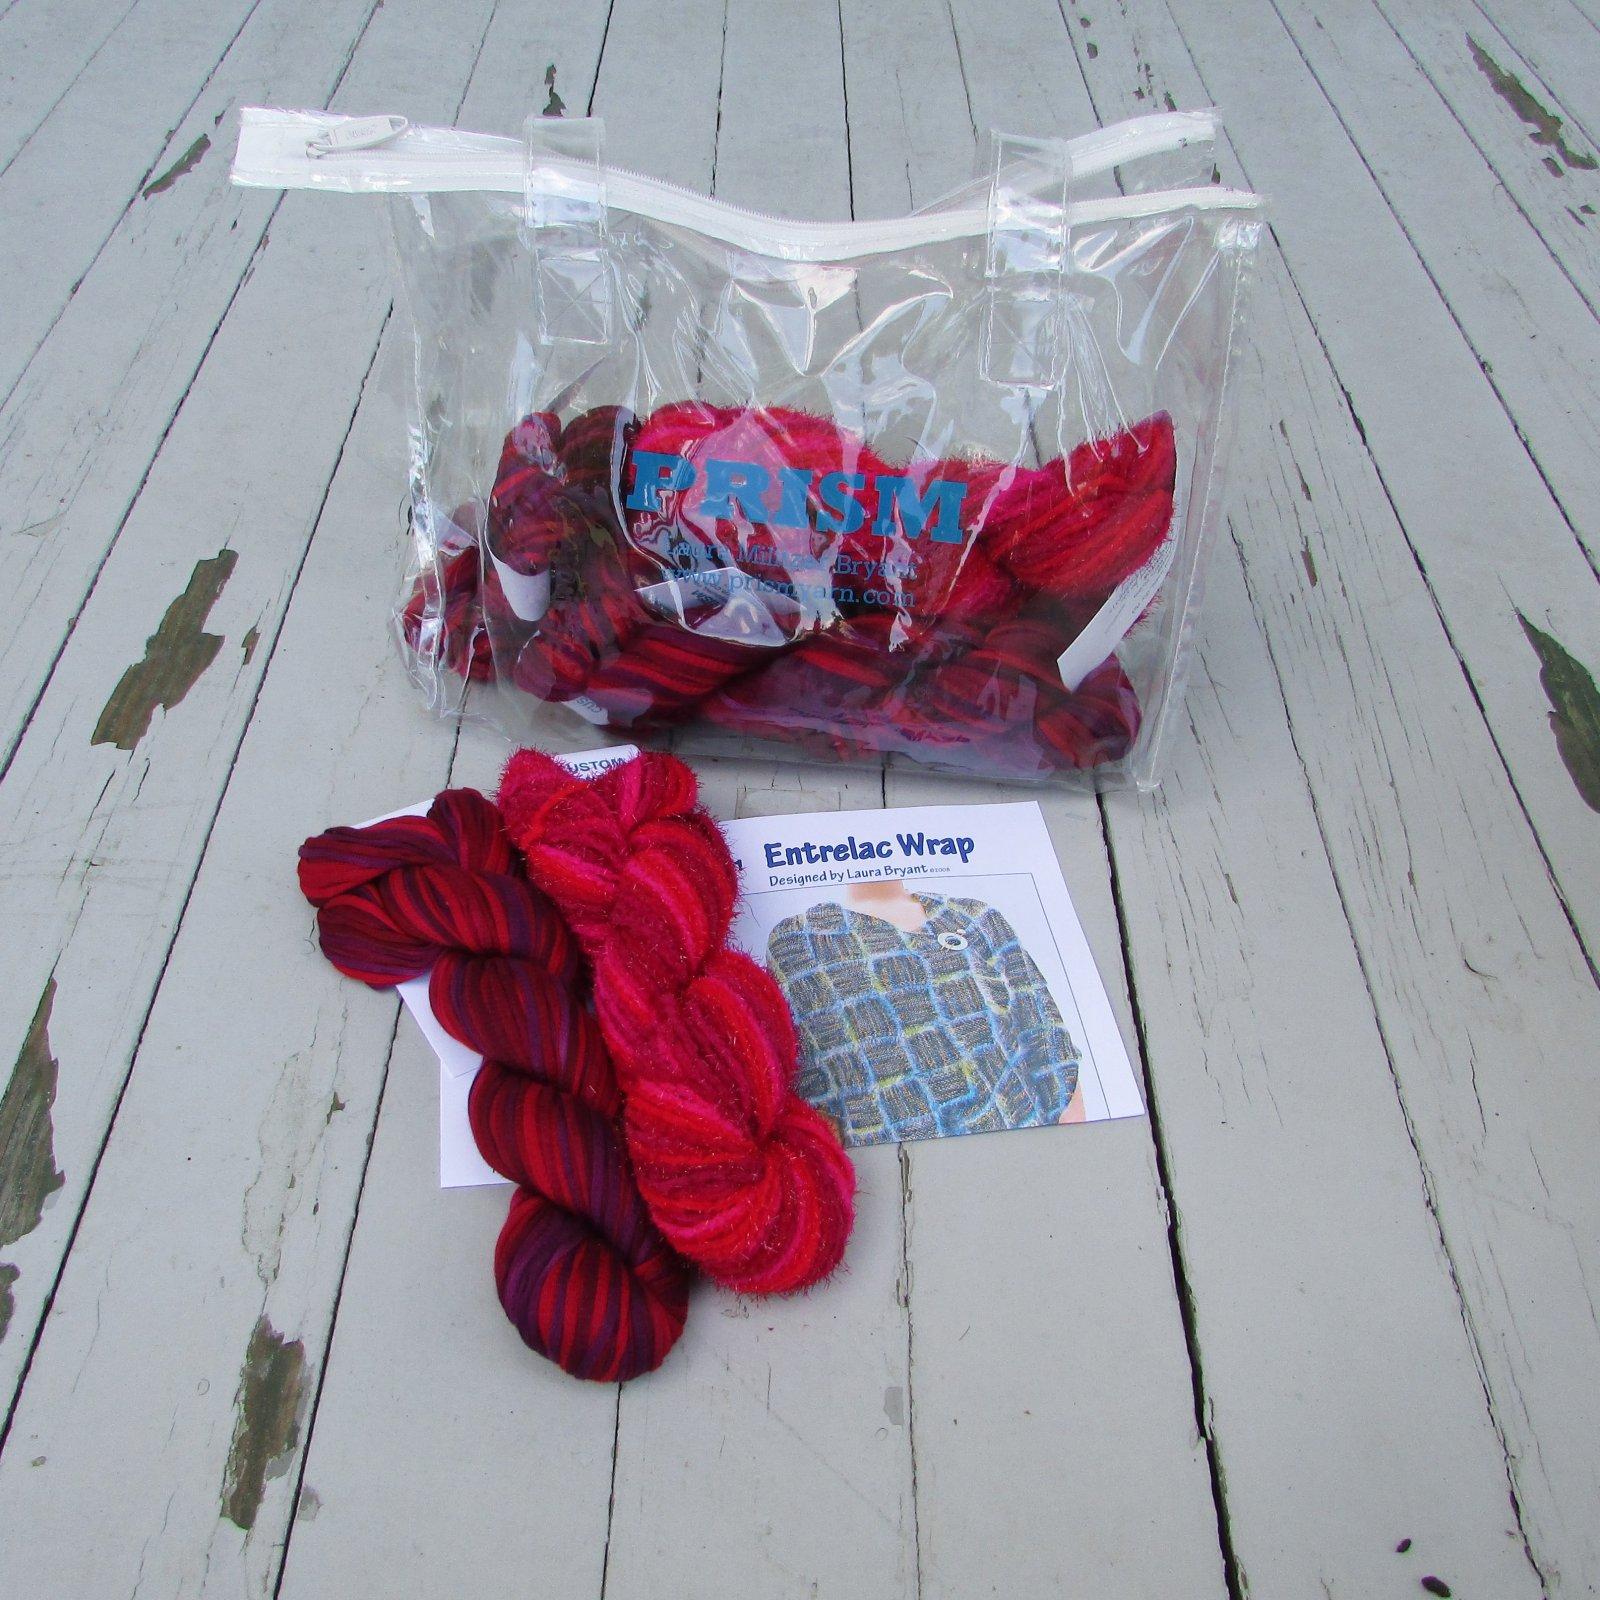 Prism Entrelac Wrap Kit